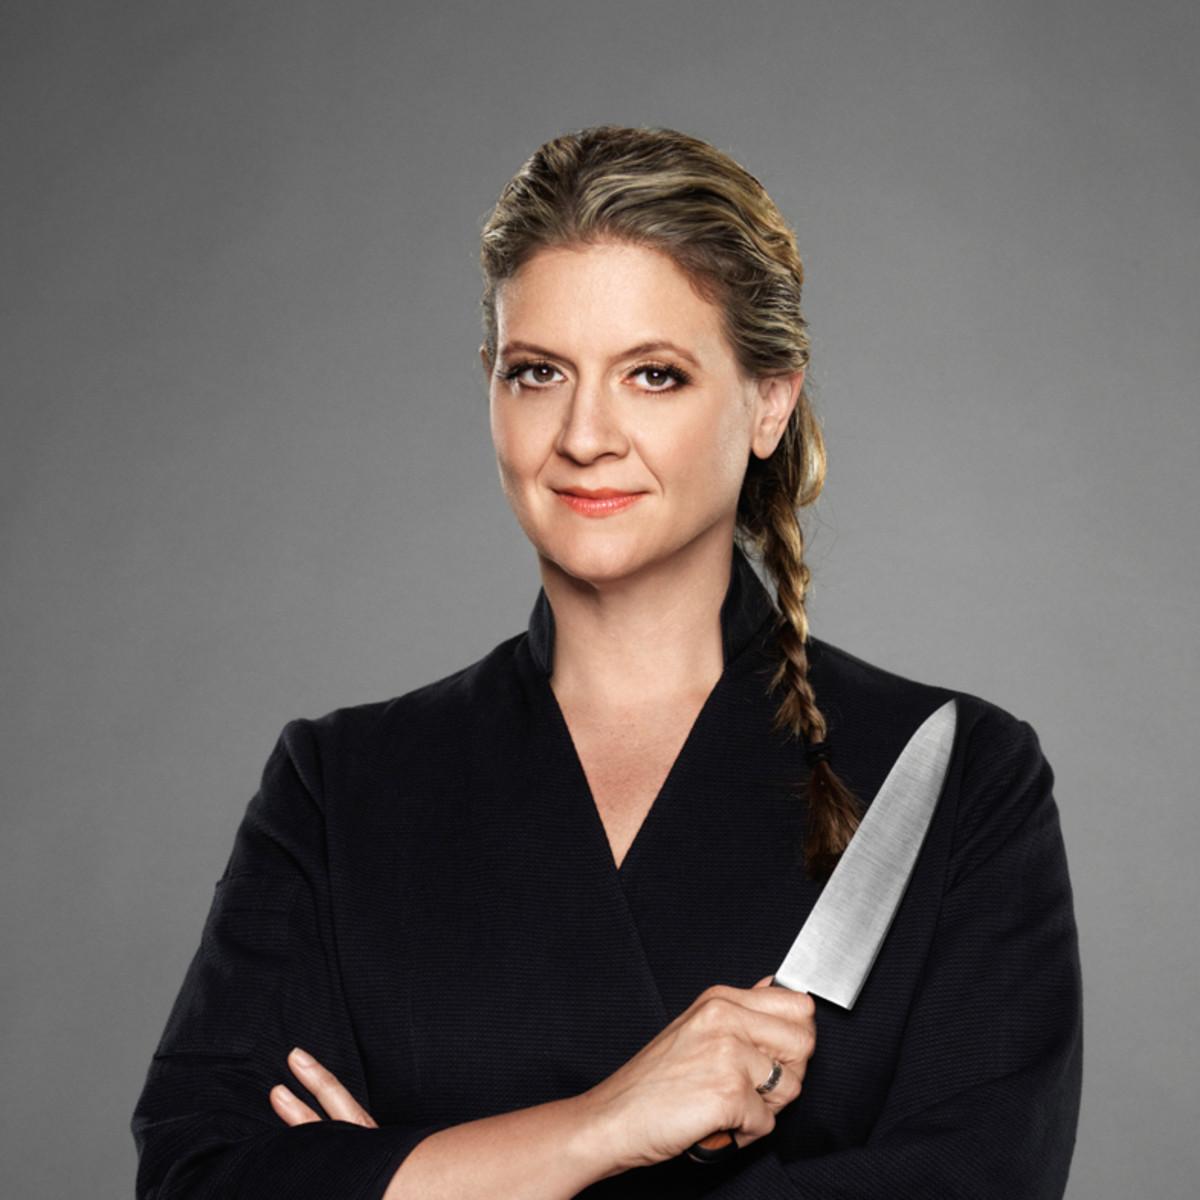 Amanda Freitag, Chopped